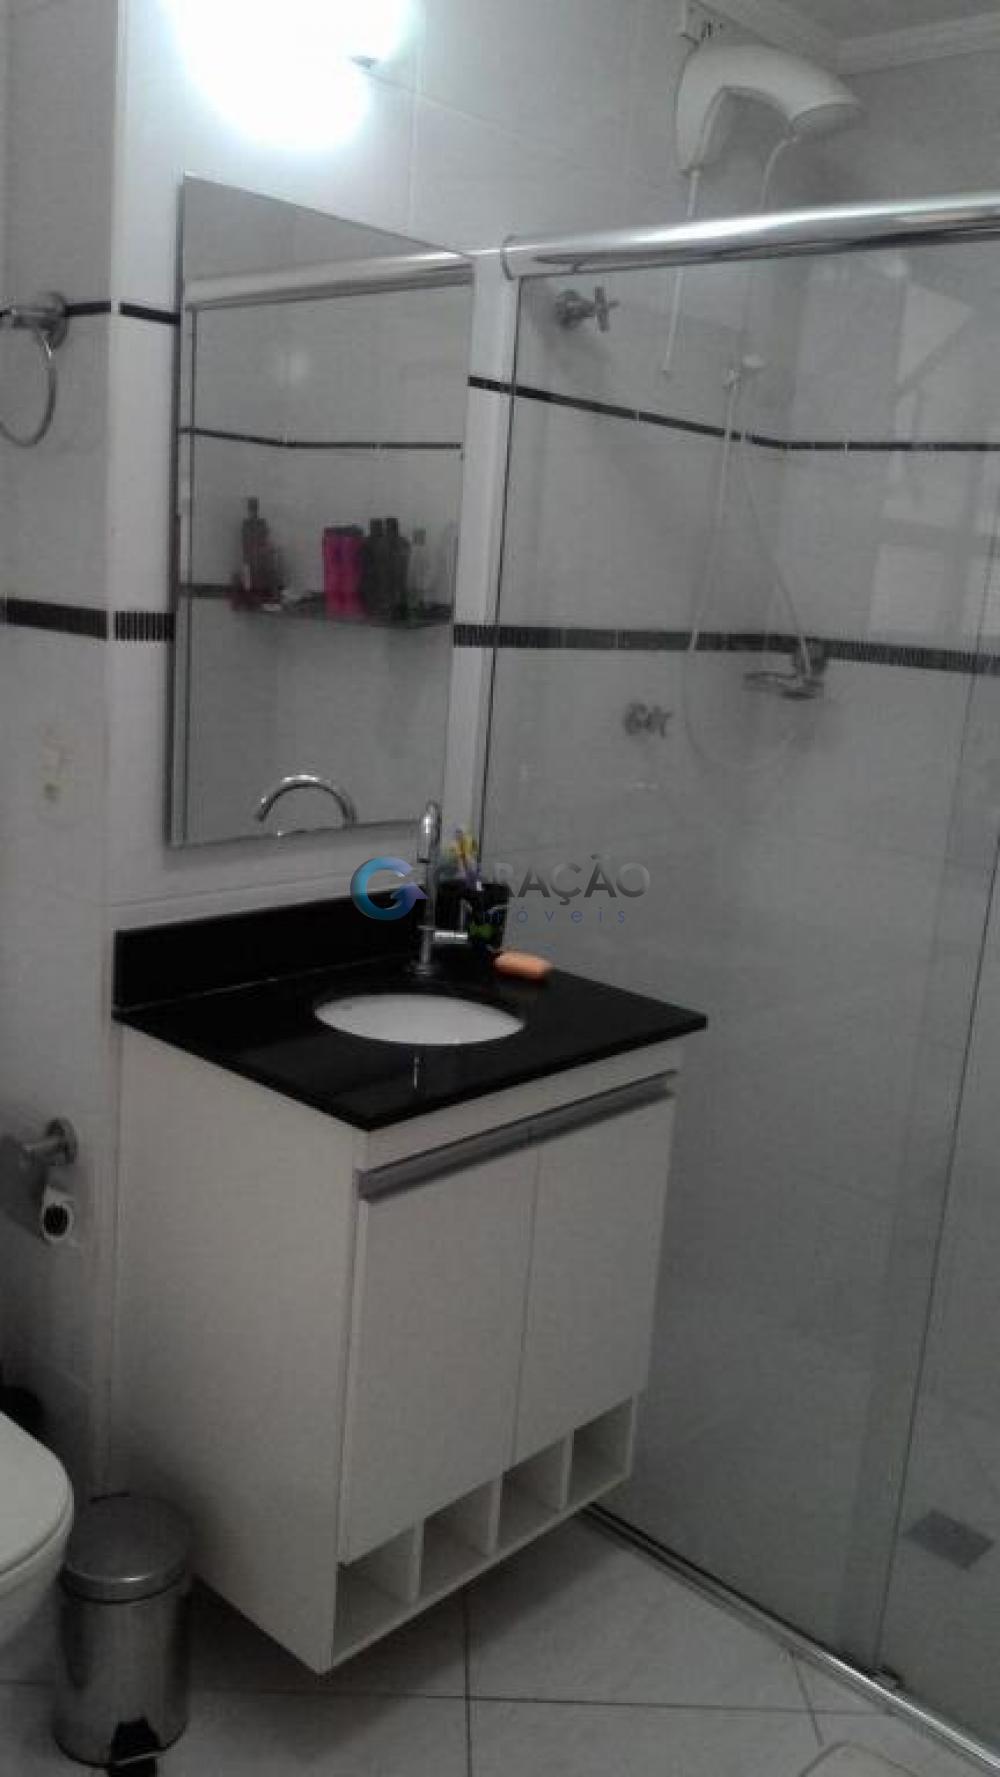 Comprar Apartamento / Padrão em São José dos Campos apenas R$ 500.000,00 - Foto 17